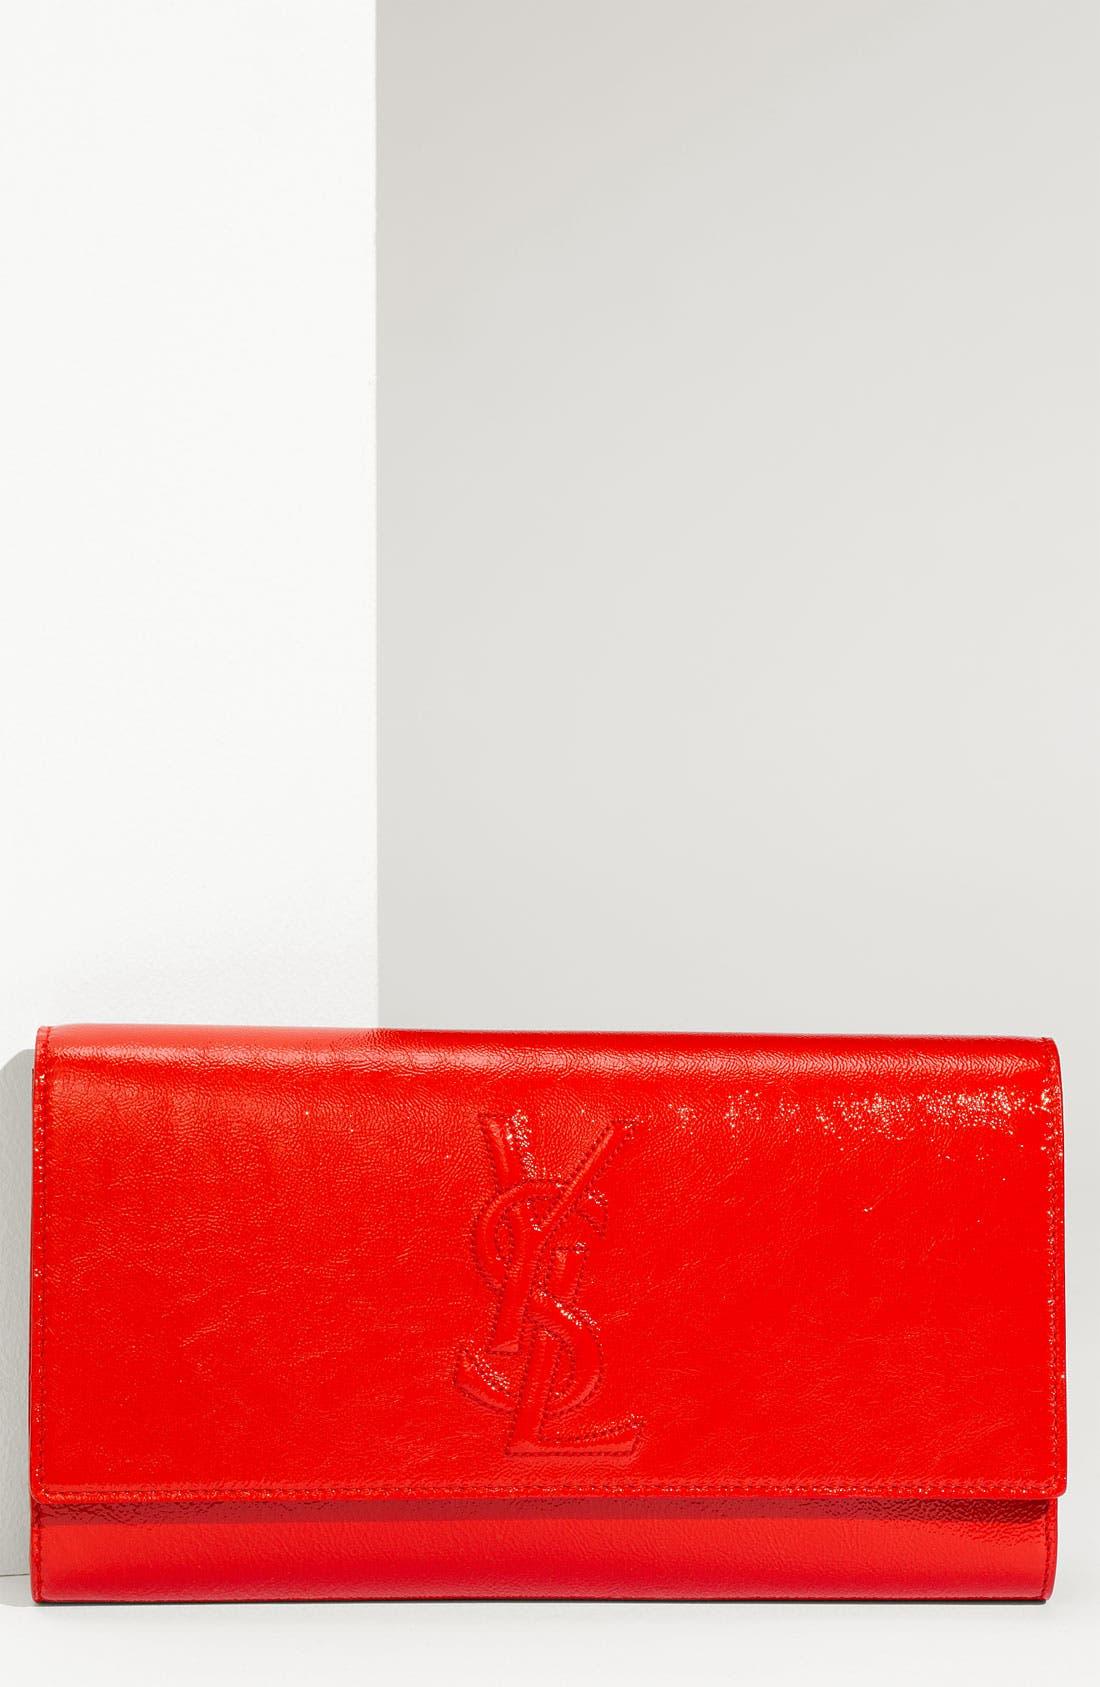 Alternate Image 1 Selected - Yves Saint Laurent 'Belle de Jour - Large' Patent Envelope Clutch